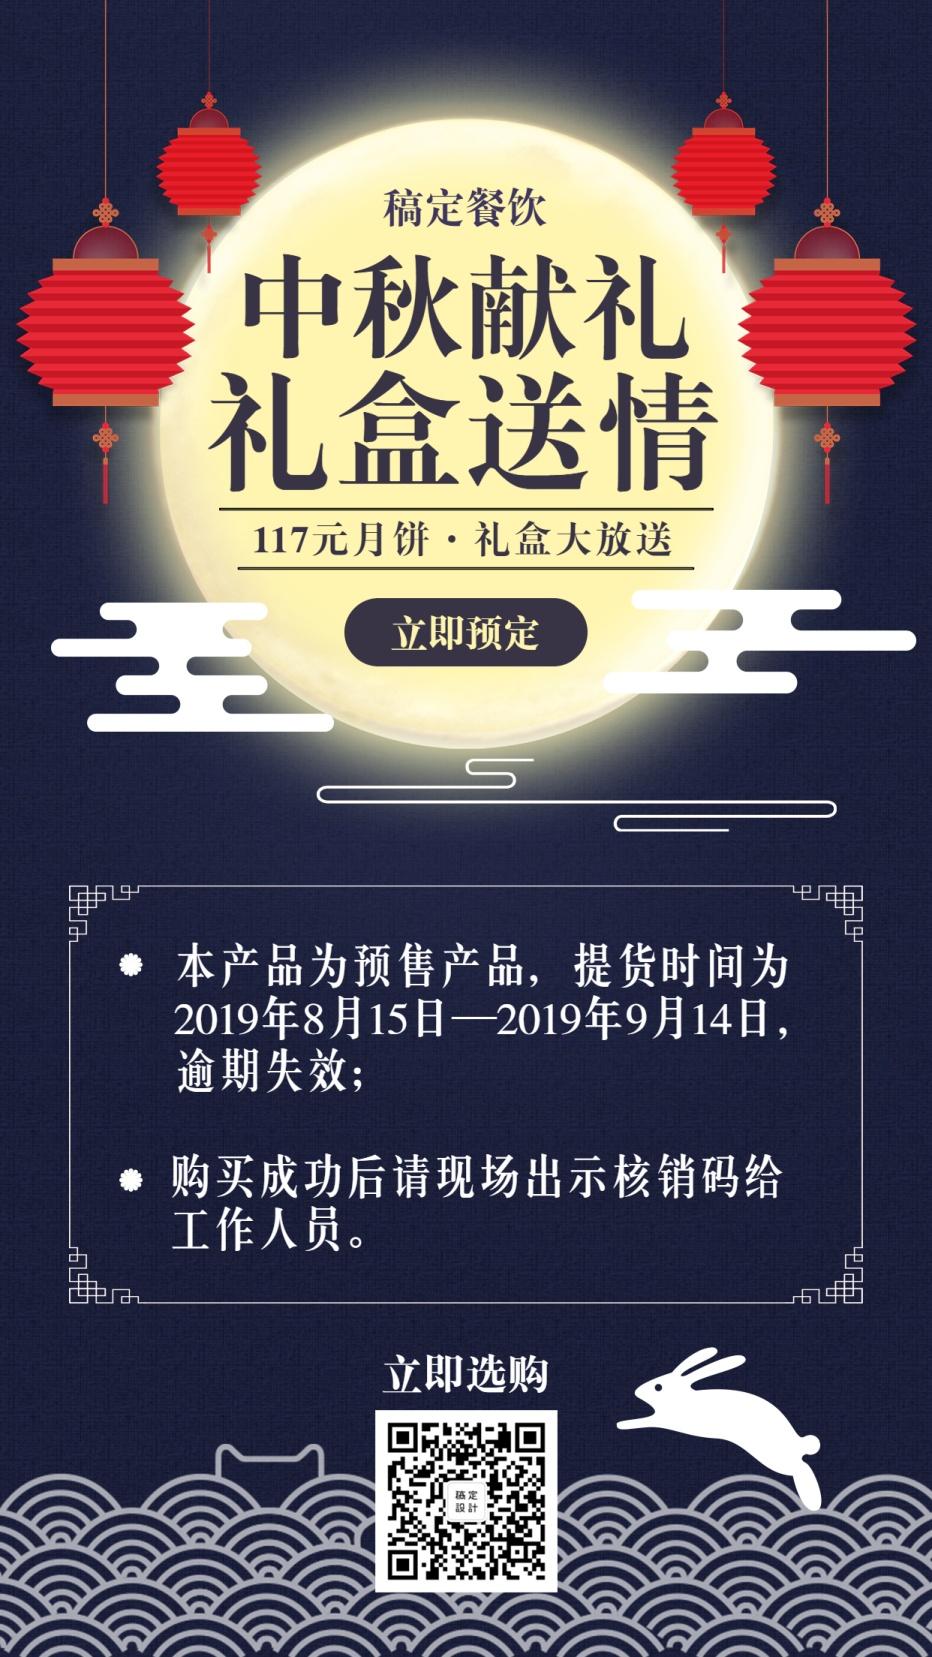 中秋/中国风/美食促销活动/海报